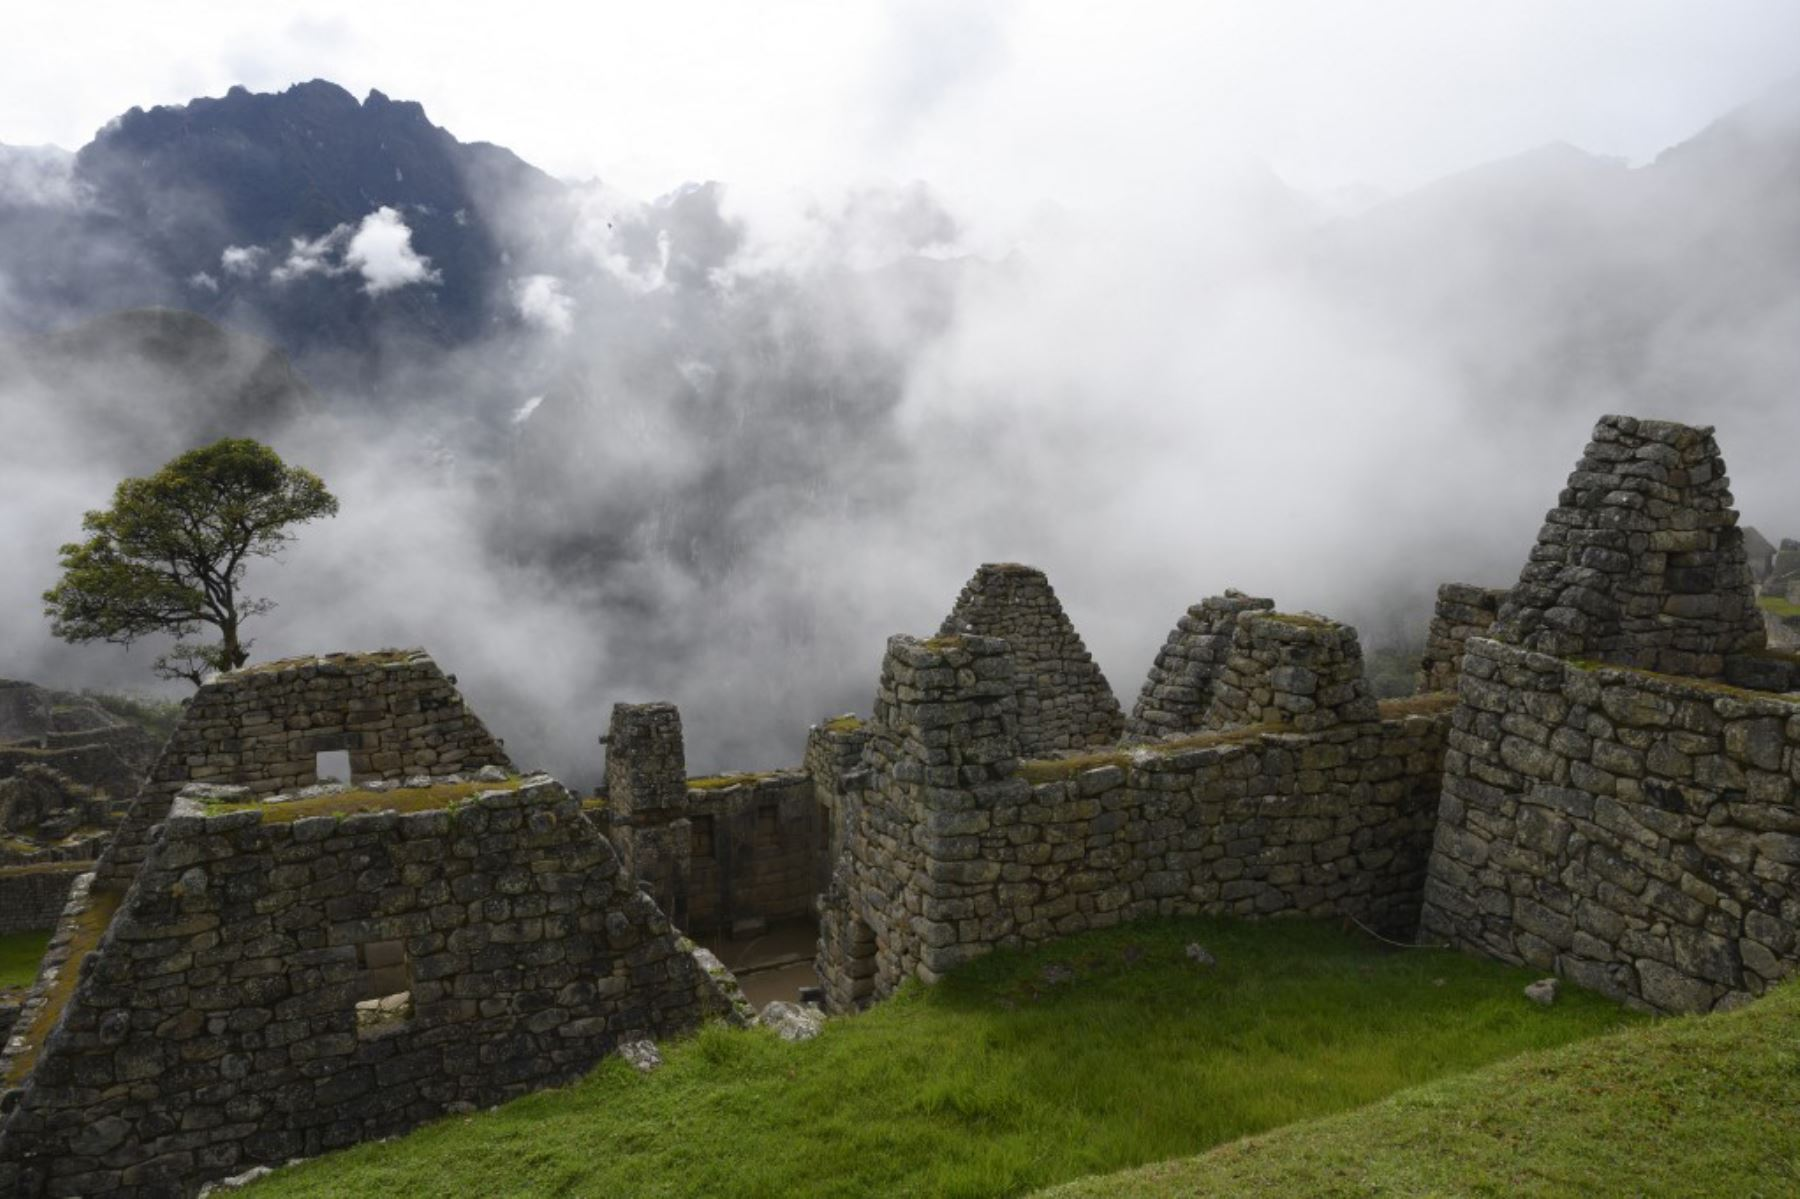 Vista del complejo de Machu Picchu, la fortaleza inca enclavada en el sureste de los Andes del Perú el 24 de abril de 2019. Foto: AFP